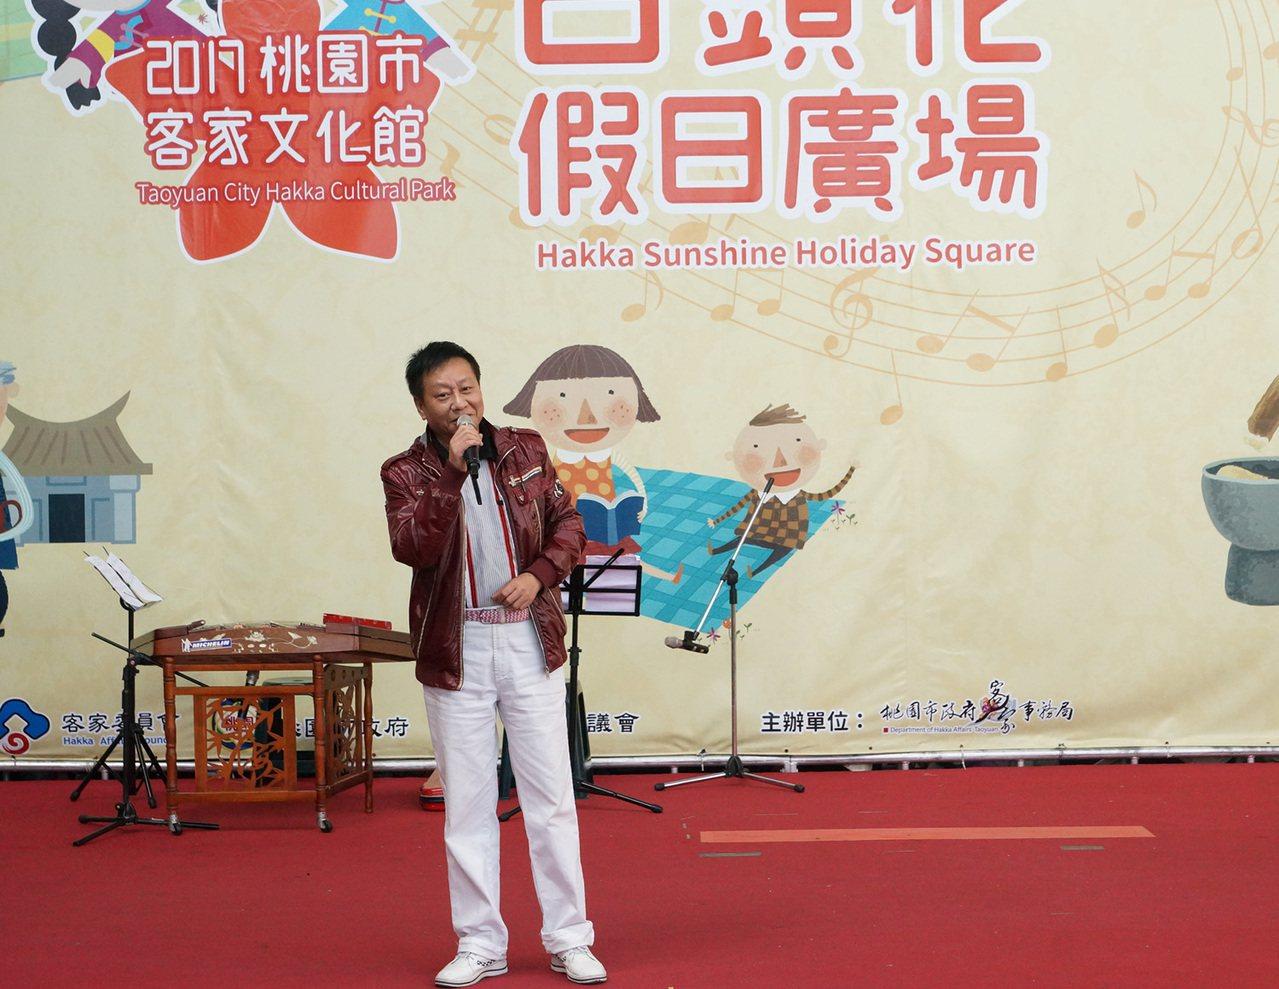 客家歌壇大師林展逸高歌經典客家歌曲,贏得台下熱烈掌聲。圖/客家事務局提供